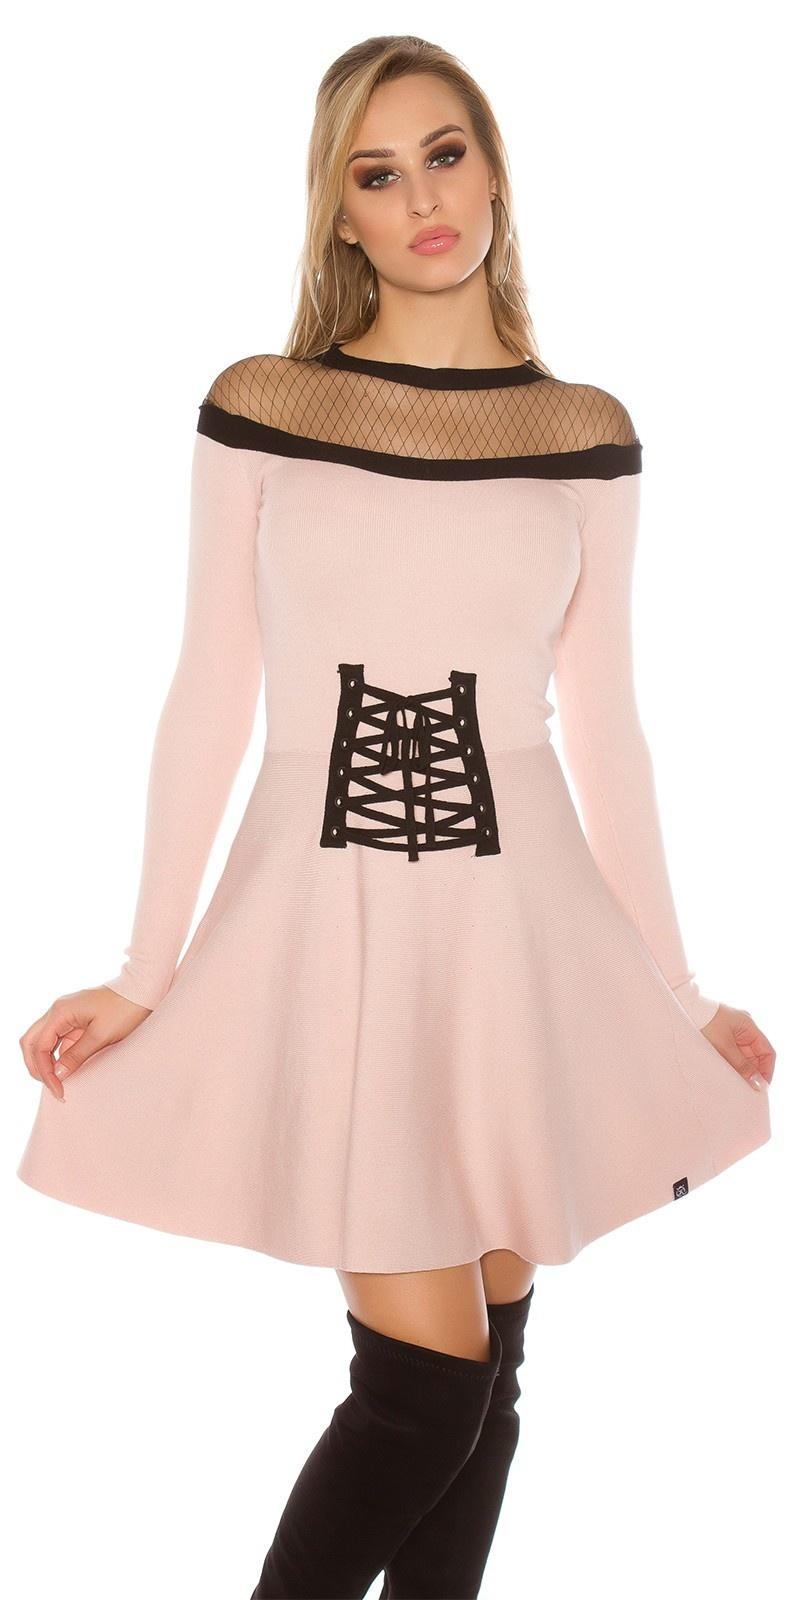 Sexy gebreide jurk met gaasstof & corsage decoratie antiekroze